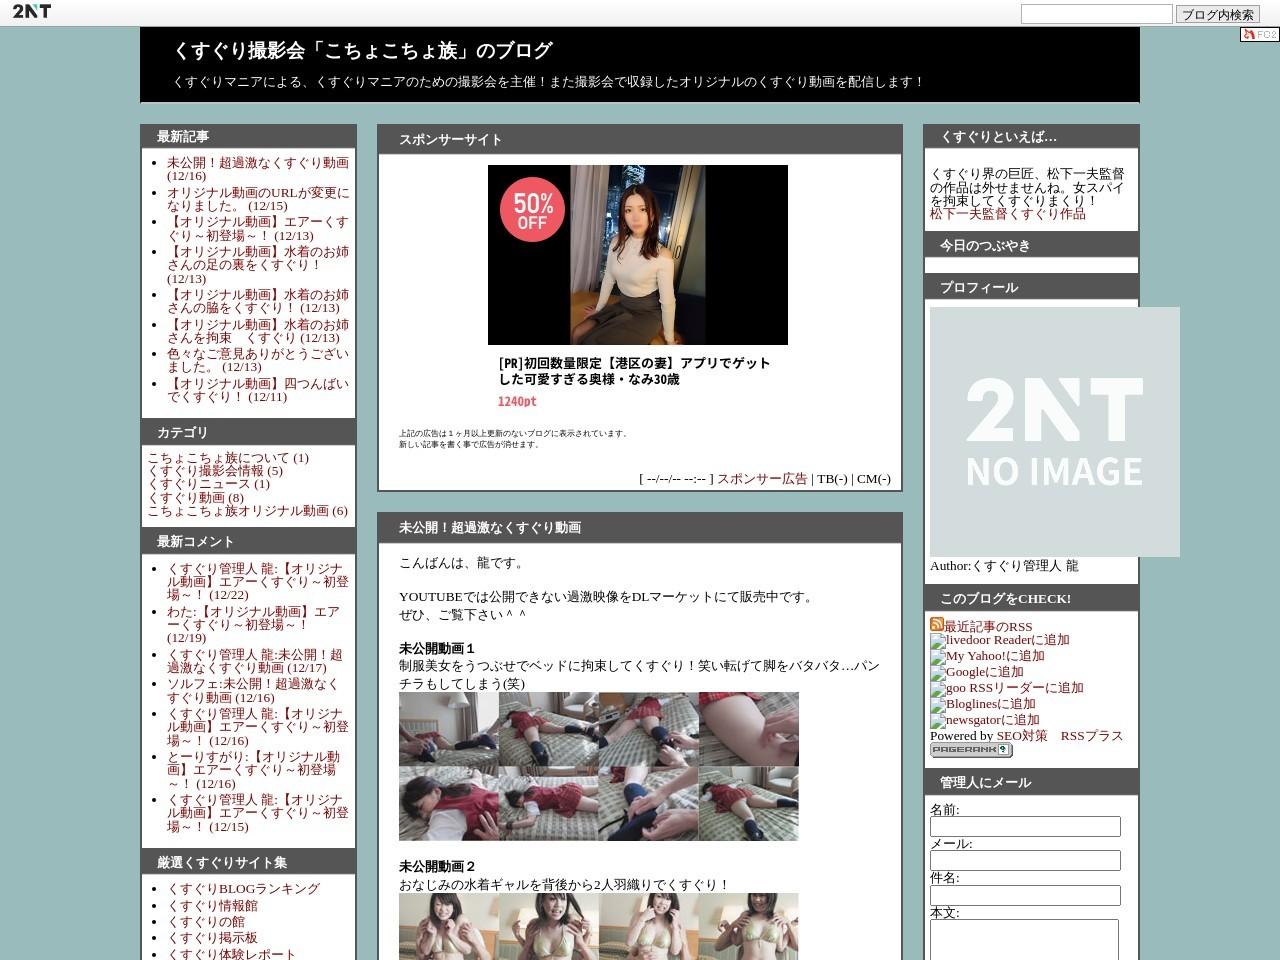 外部サイト:くすぐり撮影会「こちょこちょ族」のブログ